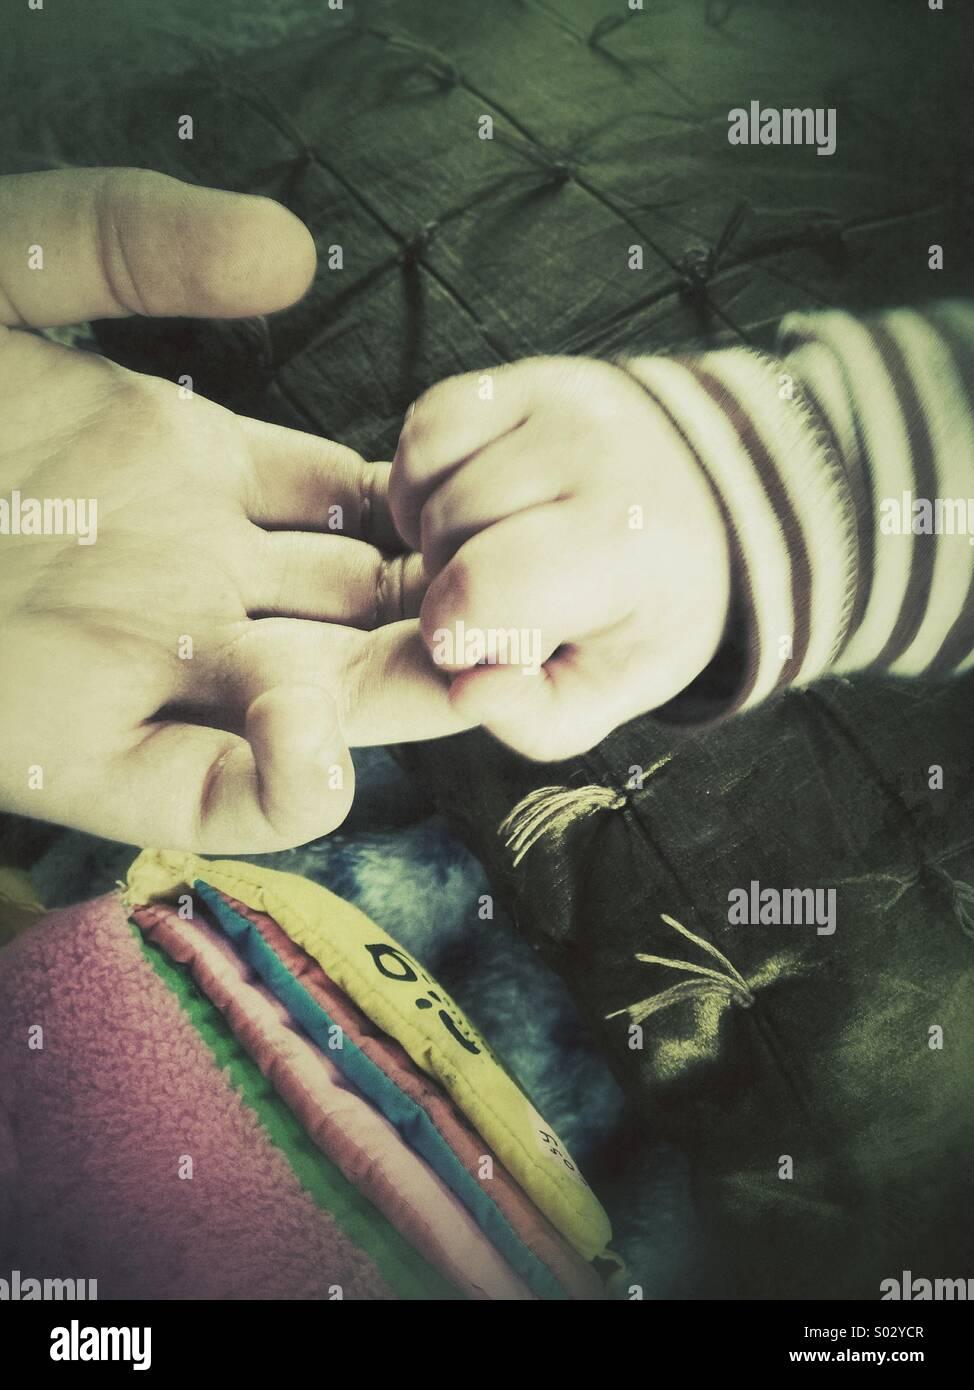 A infância, mãos do bebê segurando a mão do adolescente, filtro retro Imagens de Stock